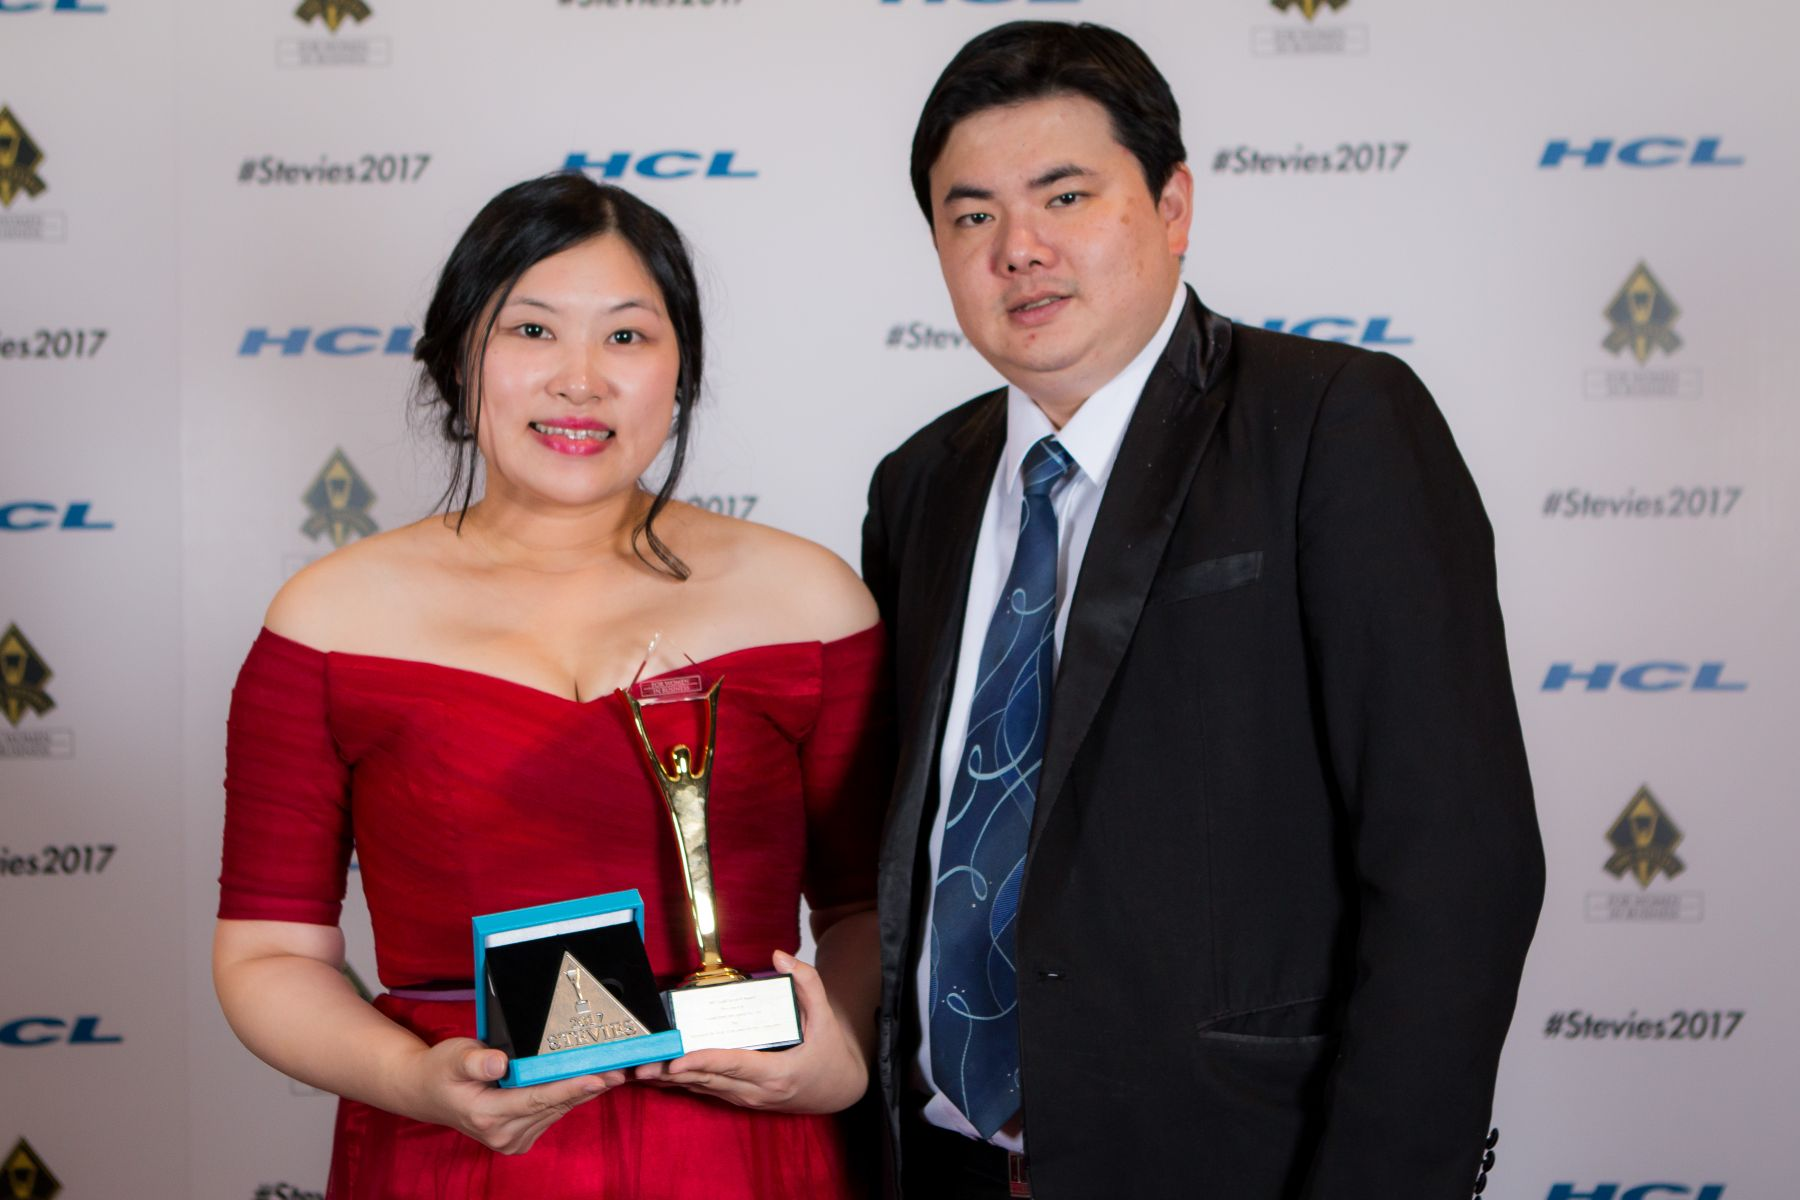 鄭惠如在2017年榮獲國際史蒂夫商業女性獎的年度傑出年輕女性創業者銀獎及年度新創事業金獎。